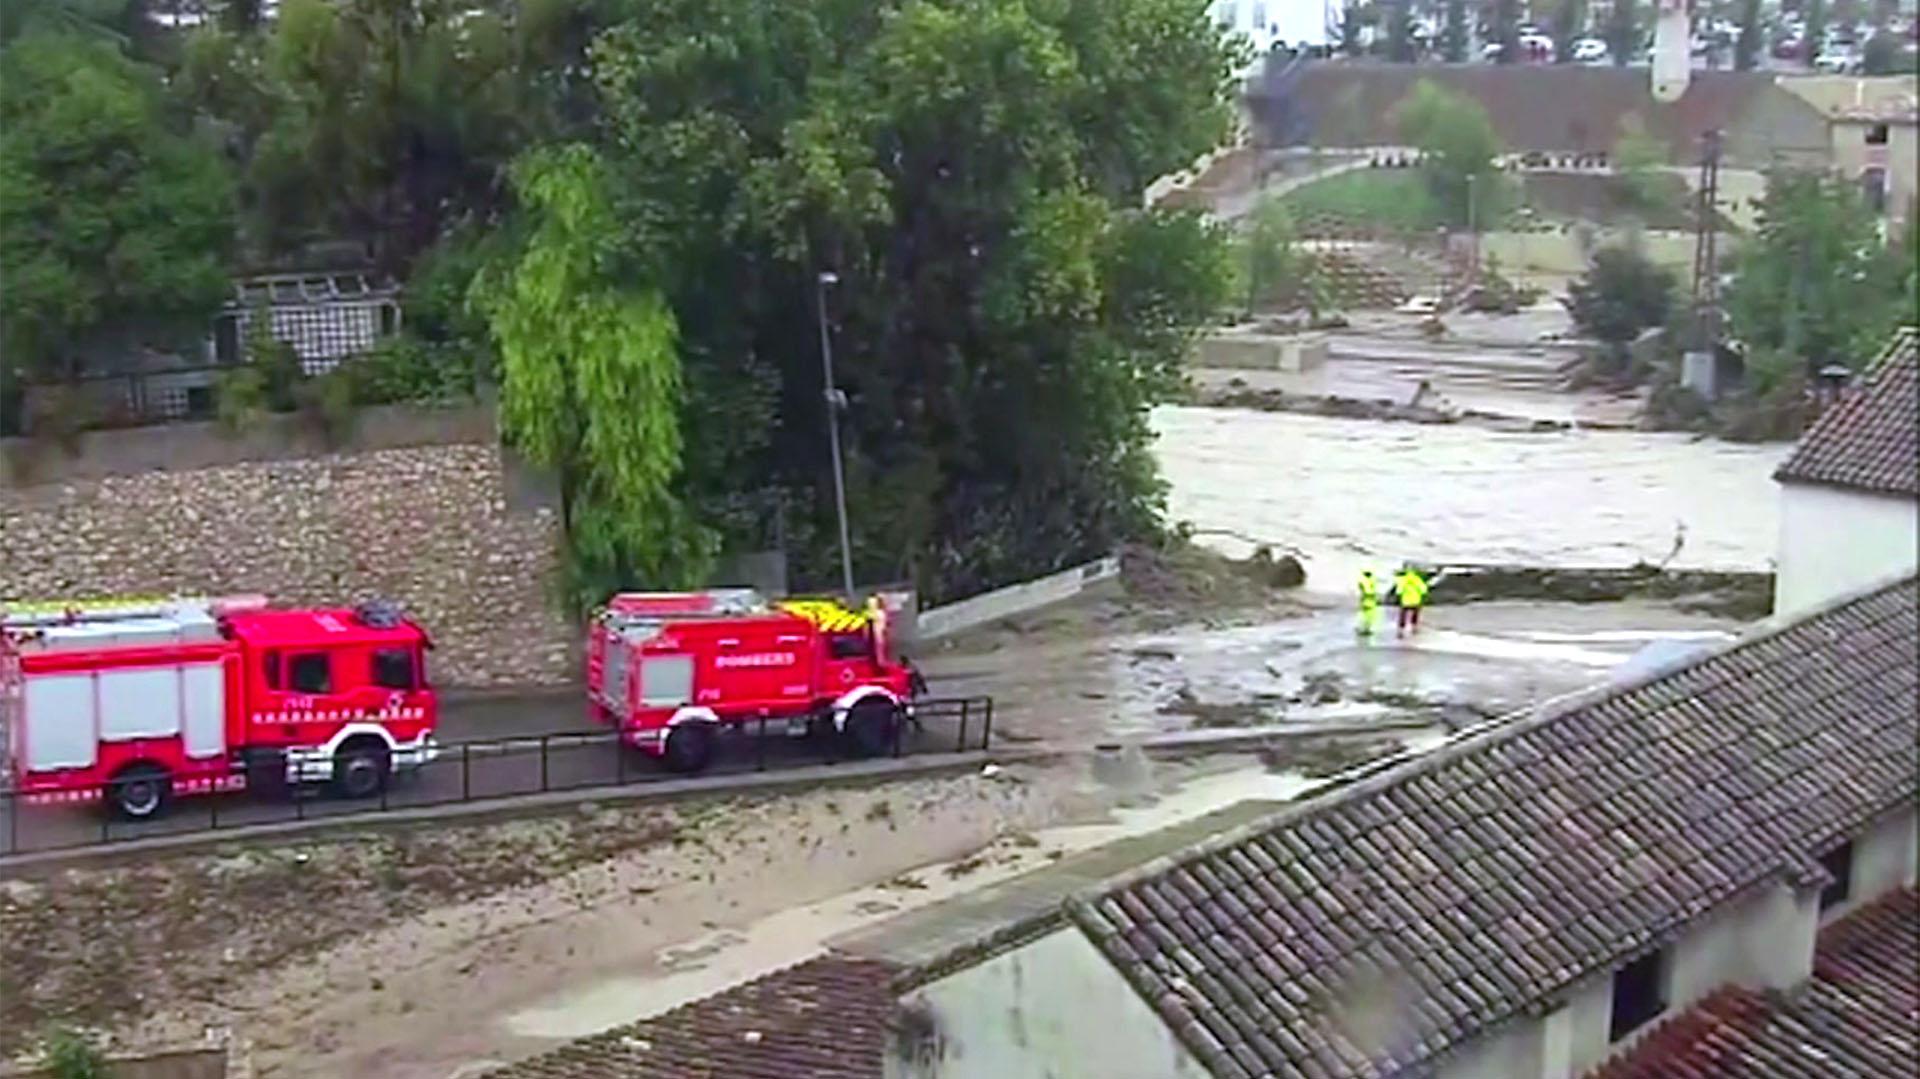 Camiones de bomberos conducen por un río inundado, en Ontiyente, España, el jueves 12 de septiembre (Atlas vía AP)